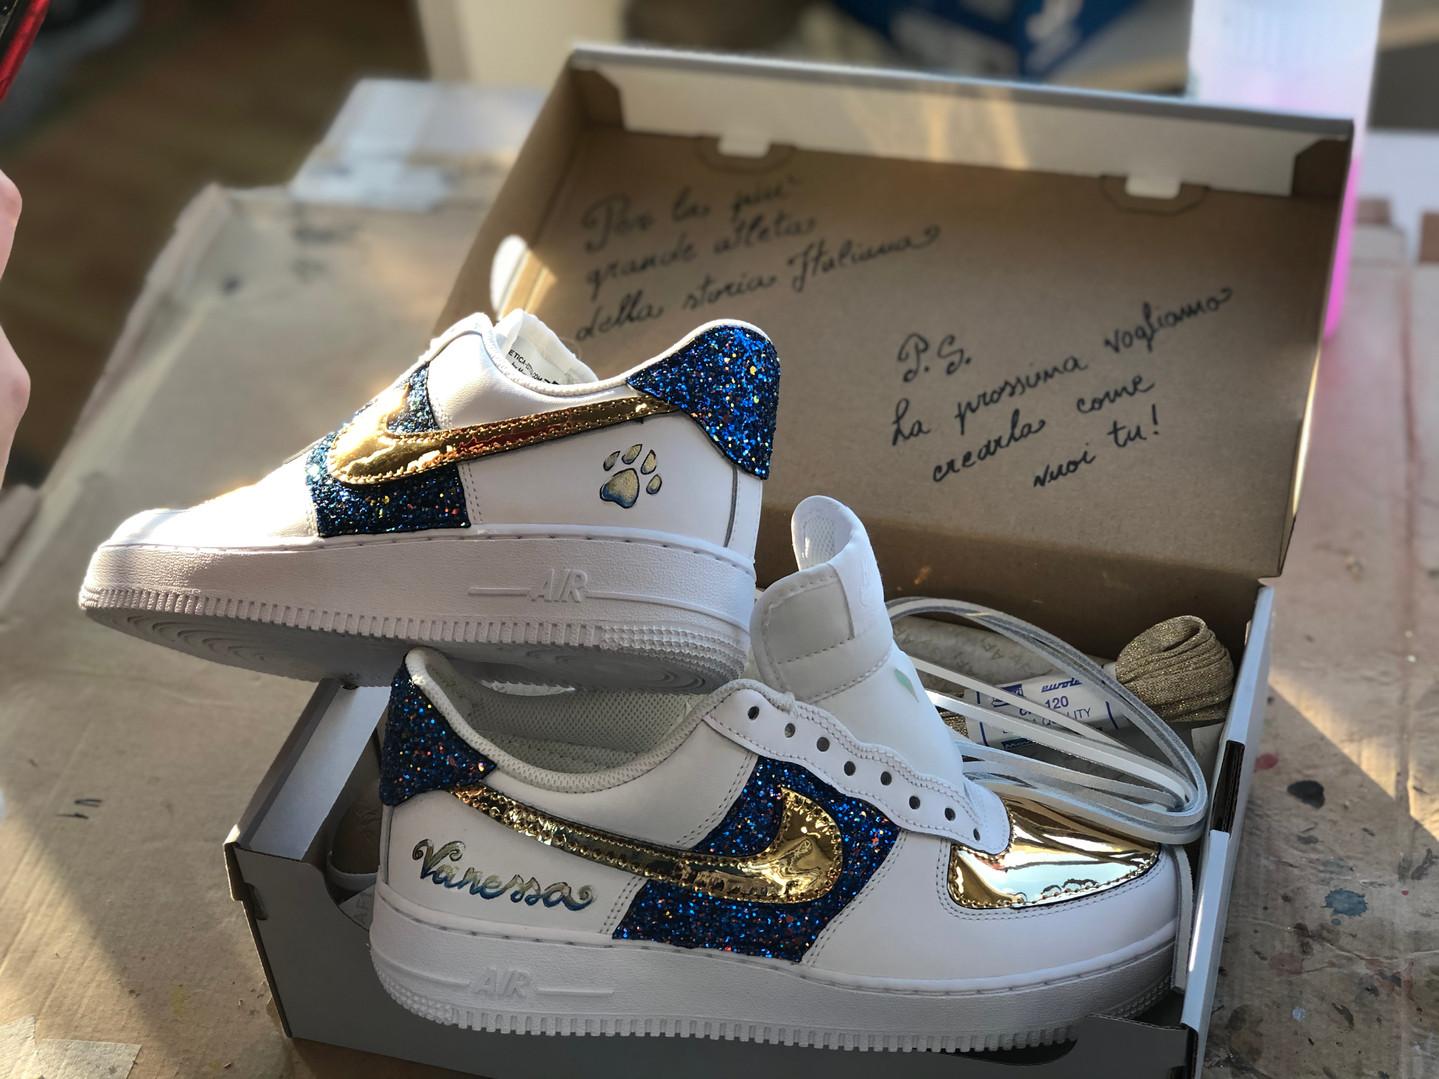 La Nike air Force per Federica Pellegrini con il nome della sua piccola cucciola Vanessa